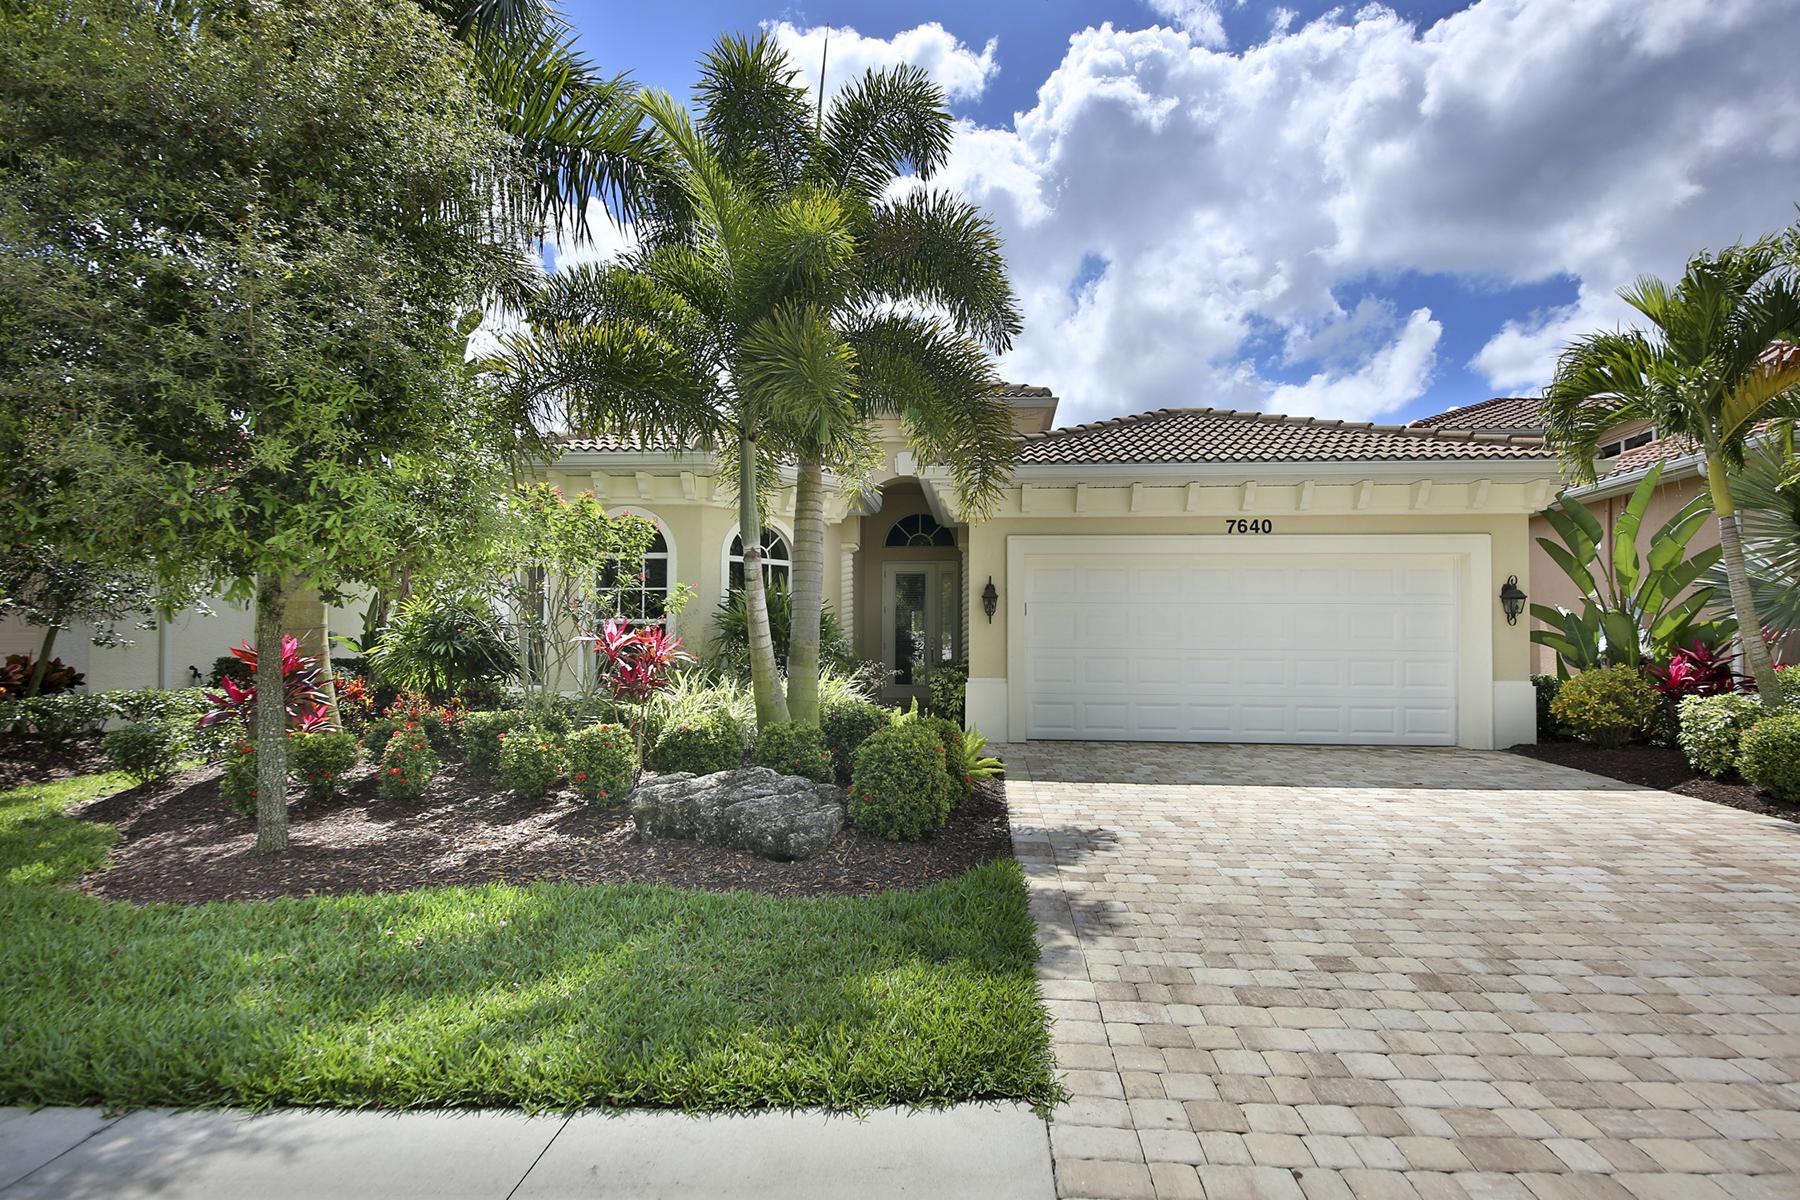 단독 가정 주택 용 매매 에 NAPLES - FIRANO AT NAPLES 7640 Martino Cir Naples, 플로리다, 34112 미국